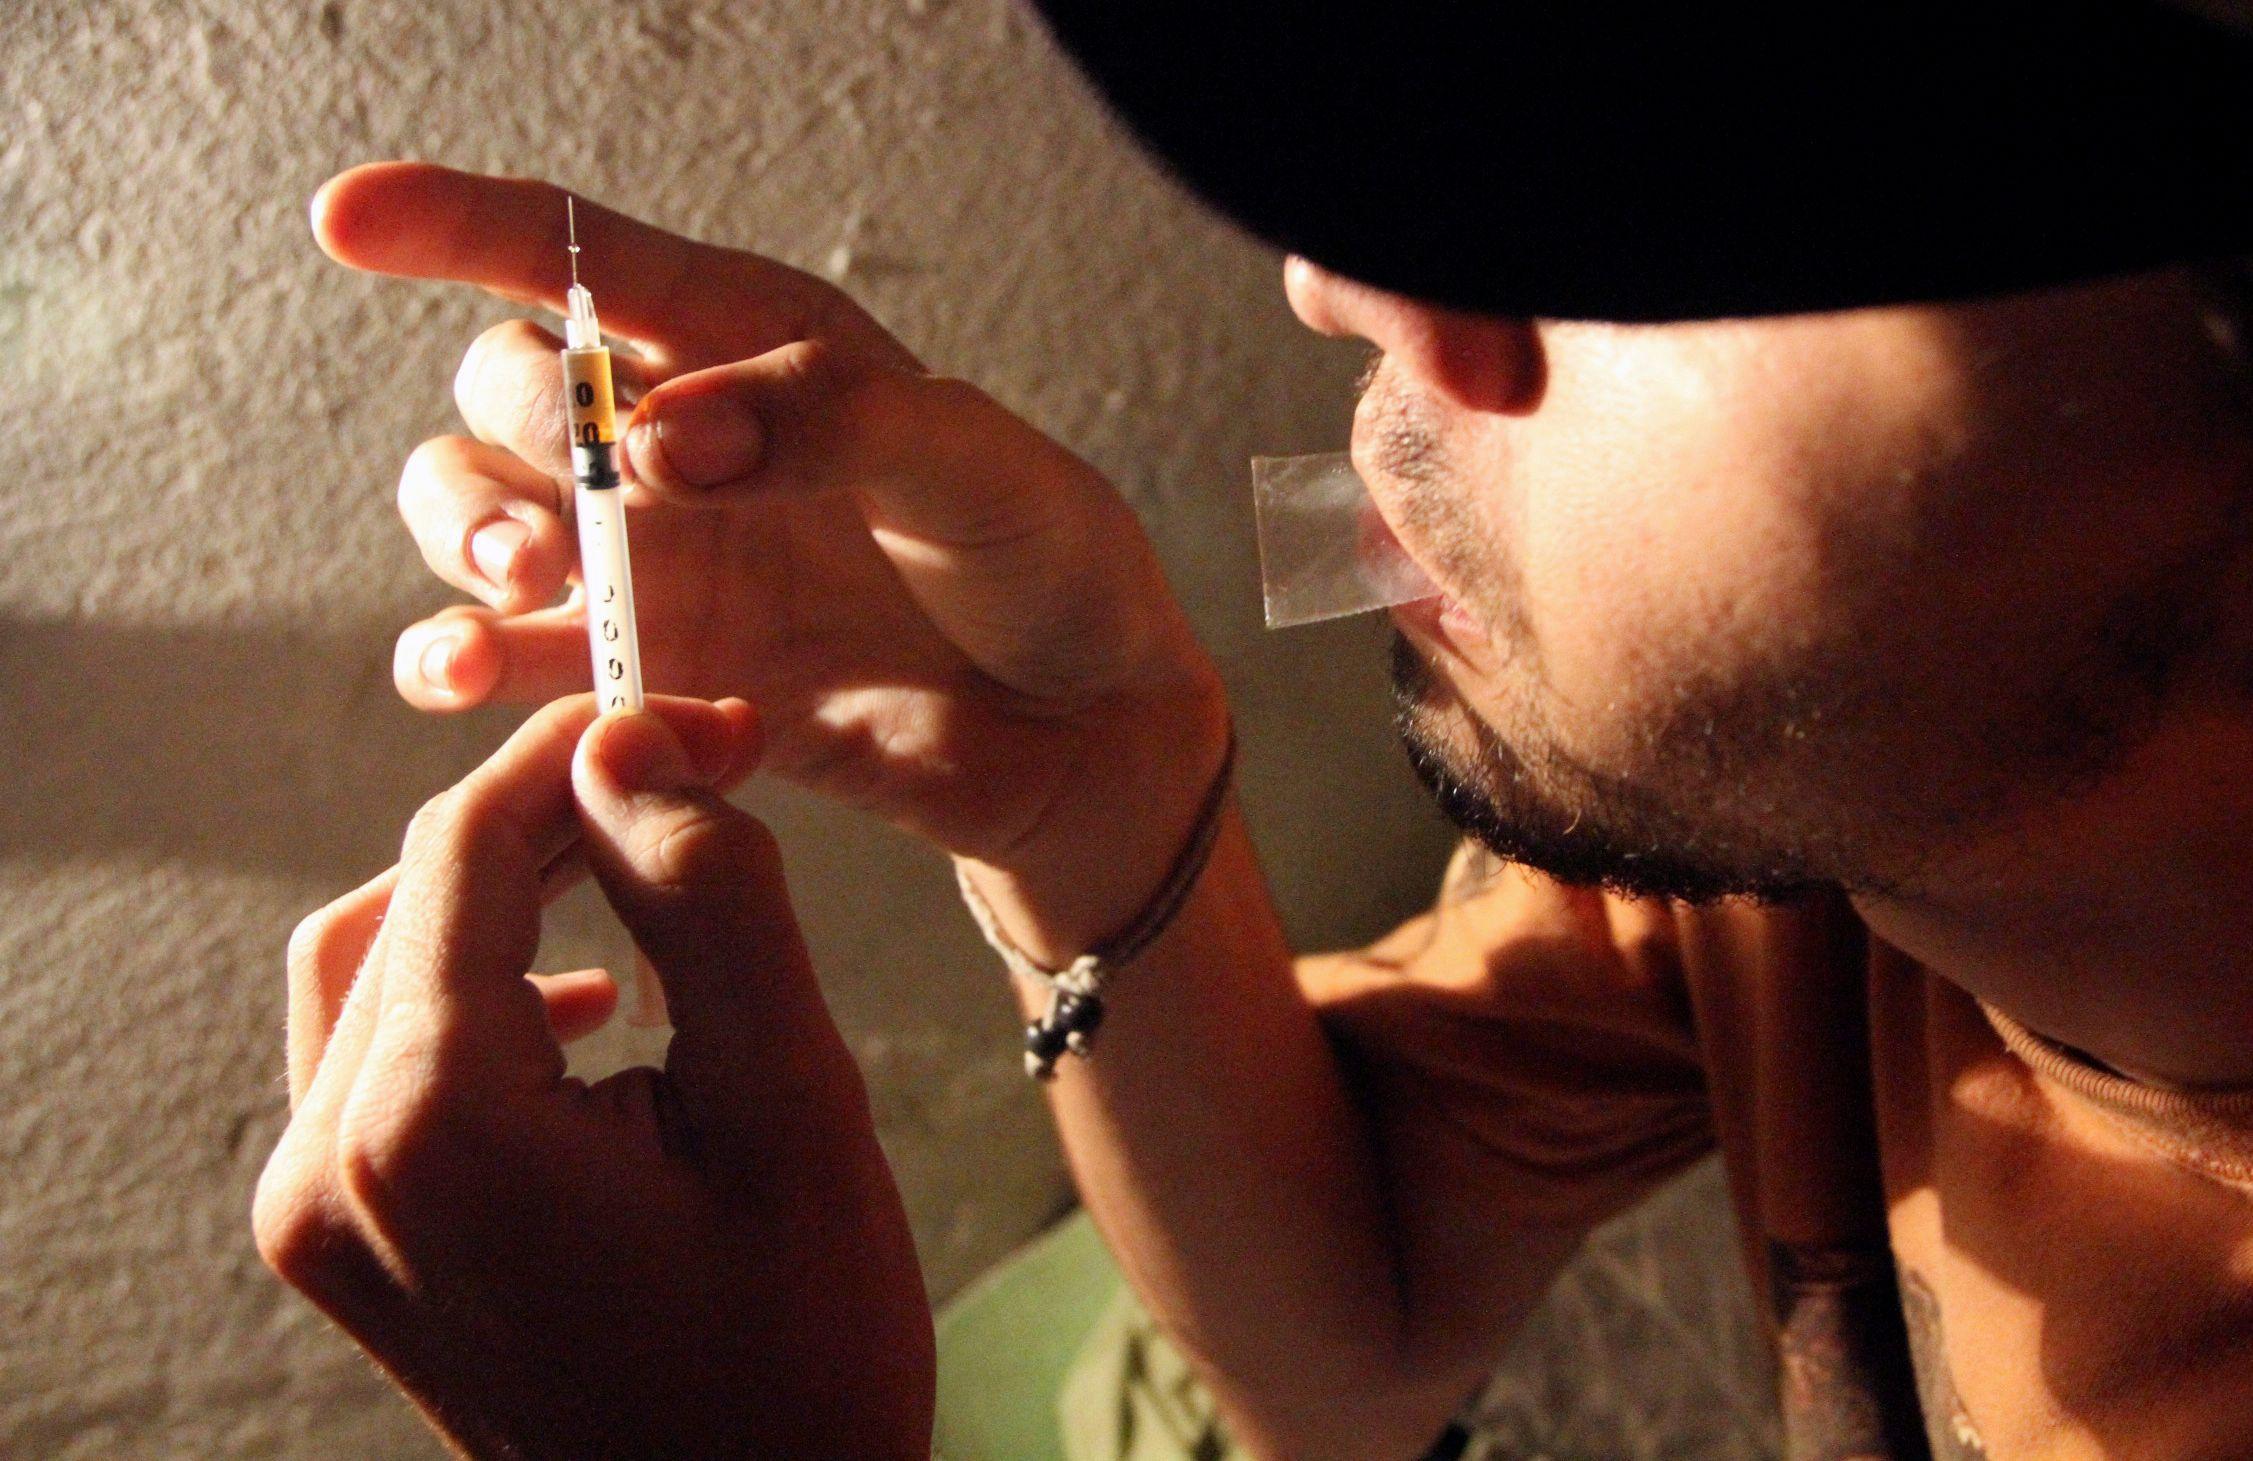 Norvège : bientôt des prescriptions d'héroïne gratuites pour les toxicomanes les plus marginalisés